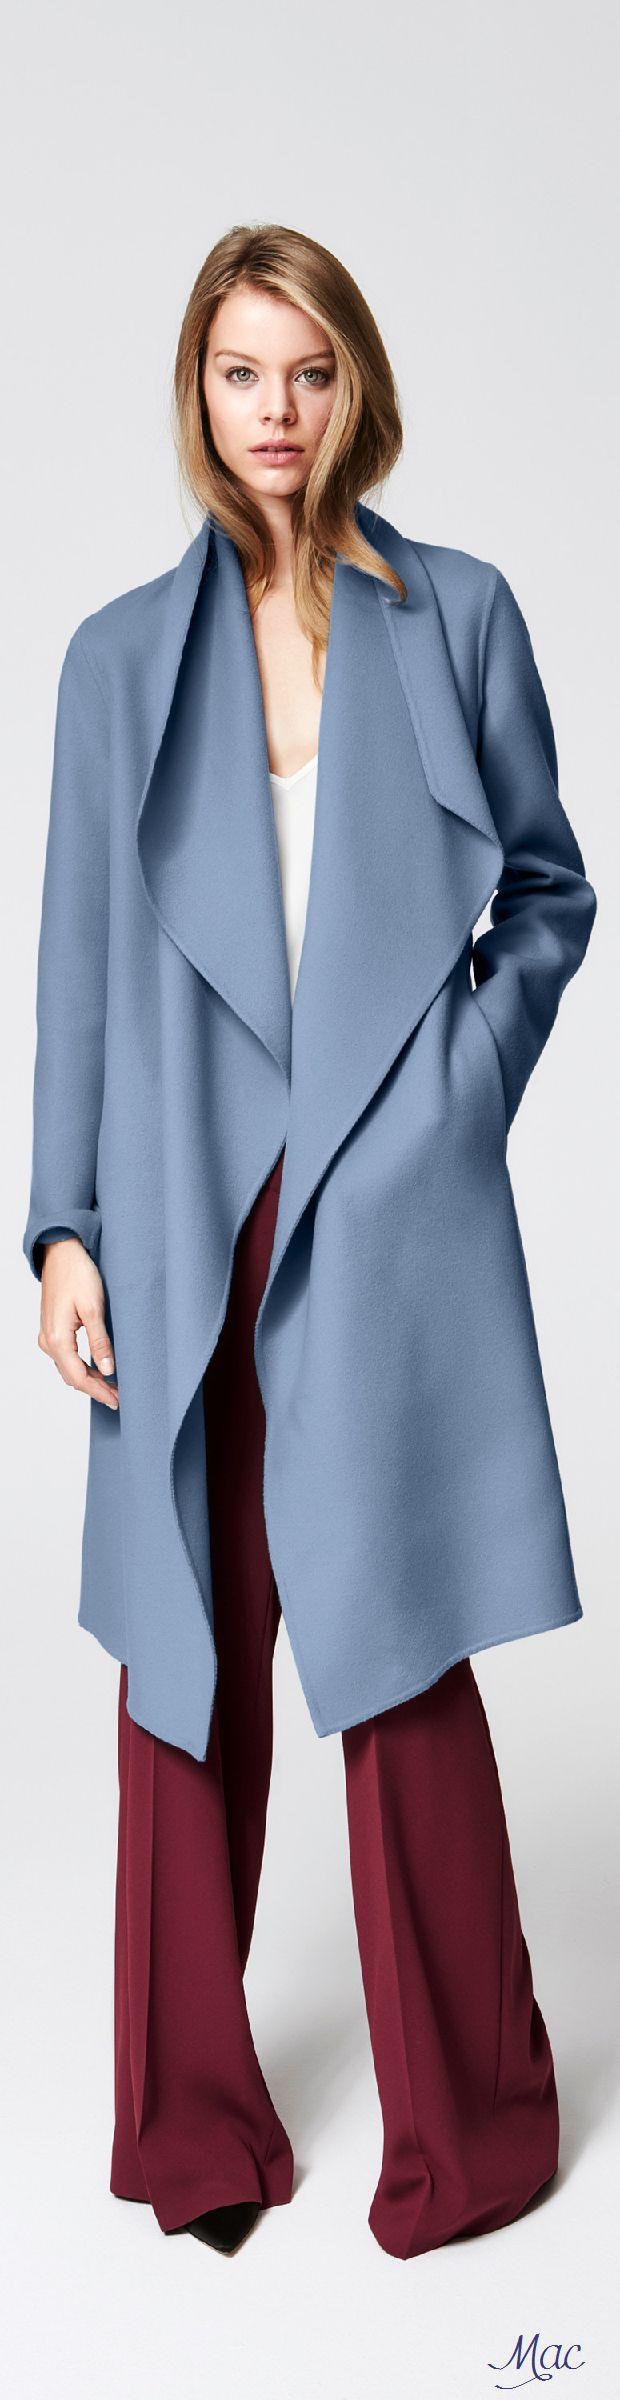 65 best Holiday Fashion Inspiration images on Pinterest | Fuzzy coat ...